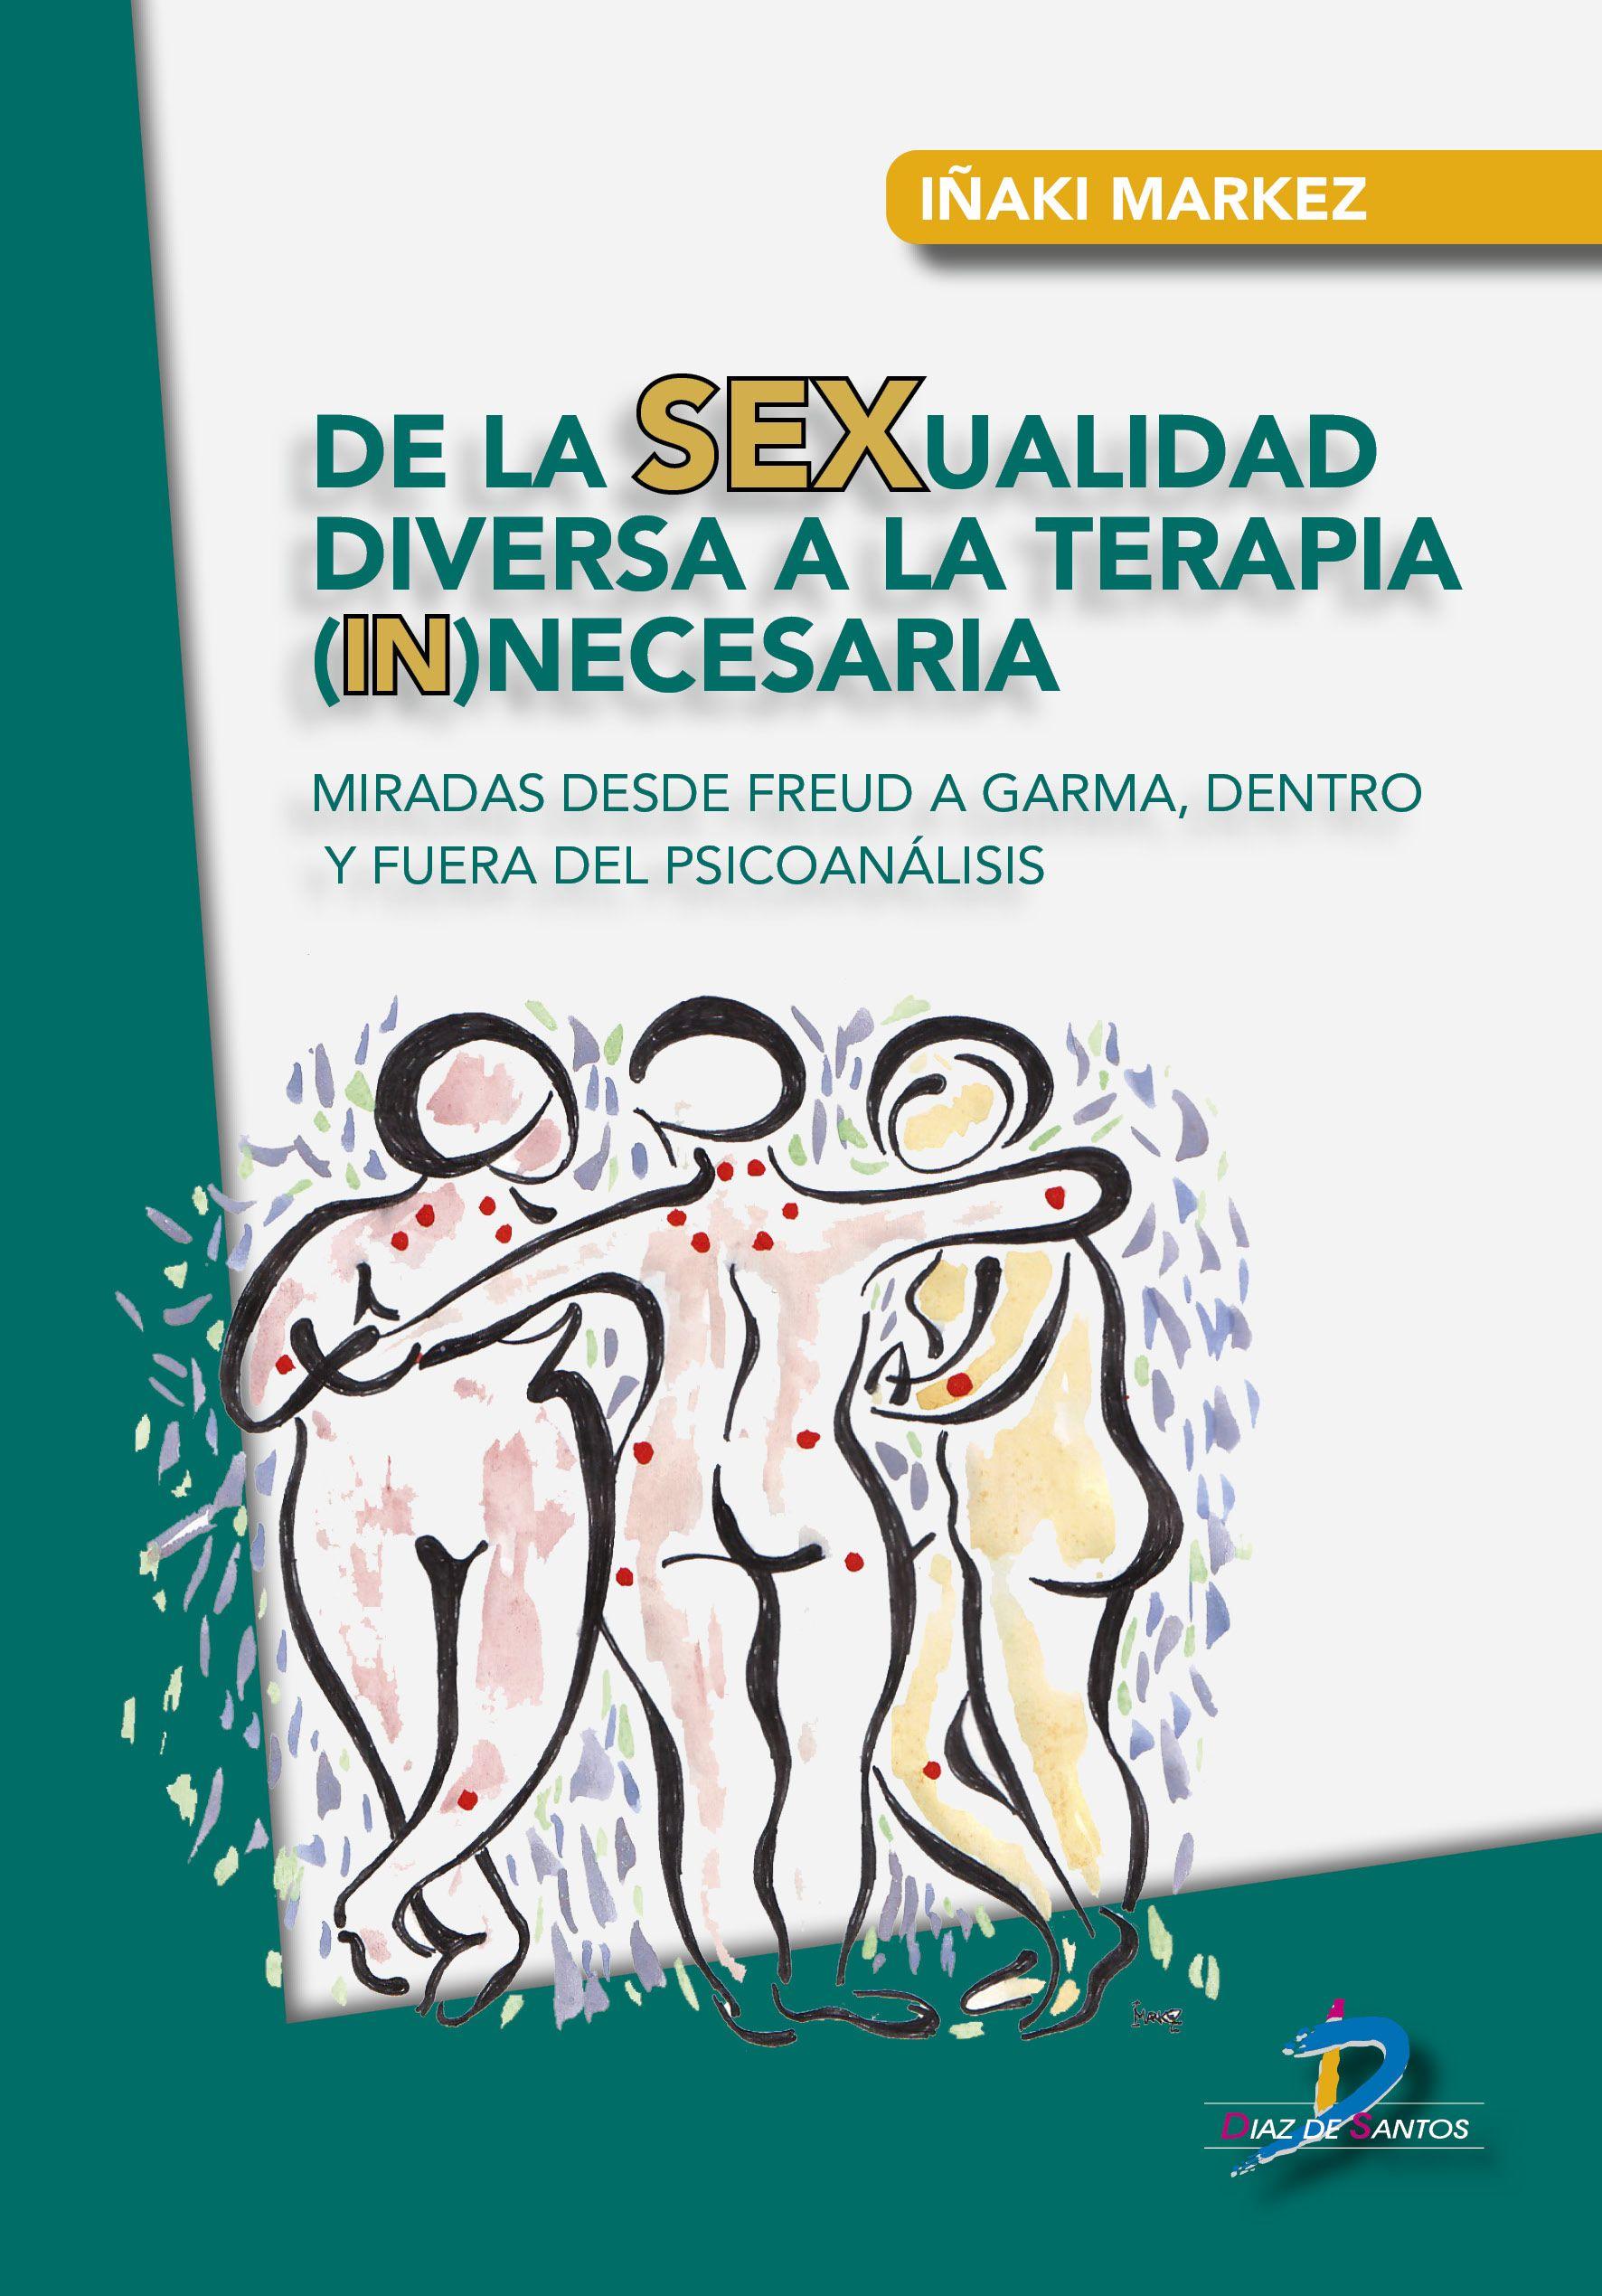 De la sexualidad diversa a la terapia necesaria